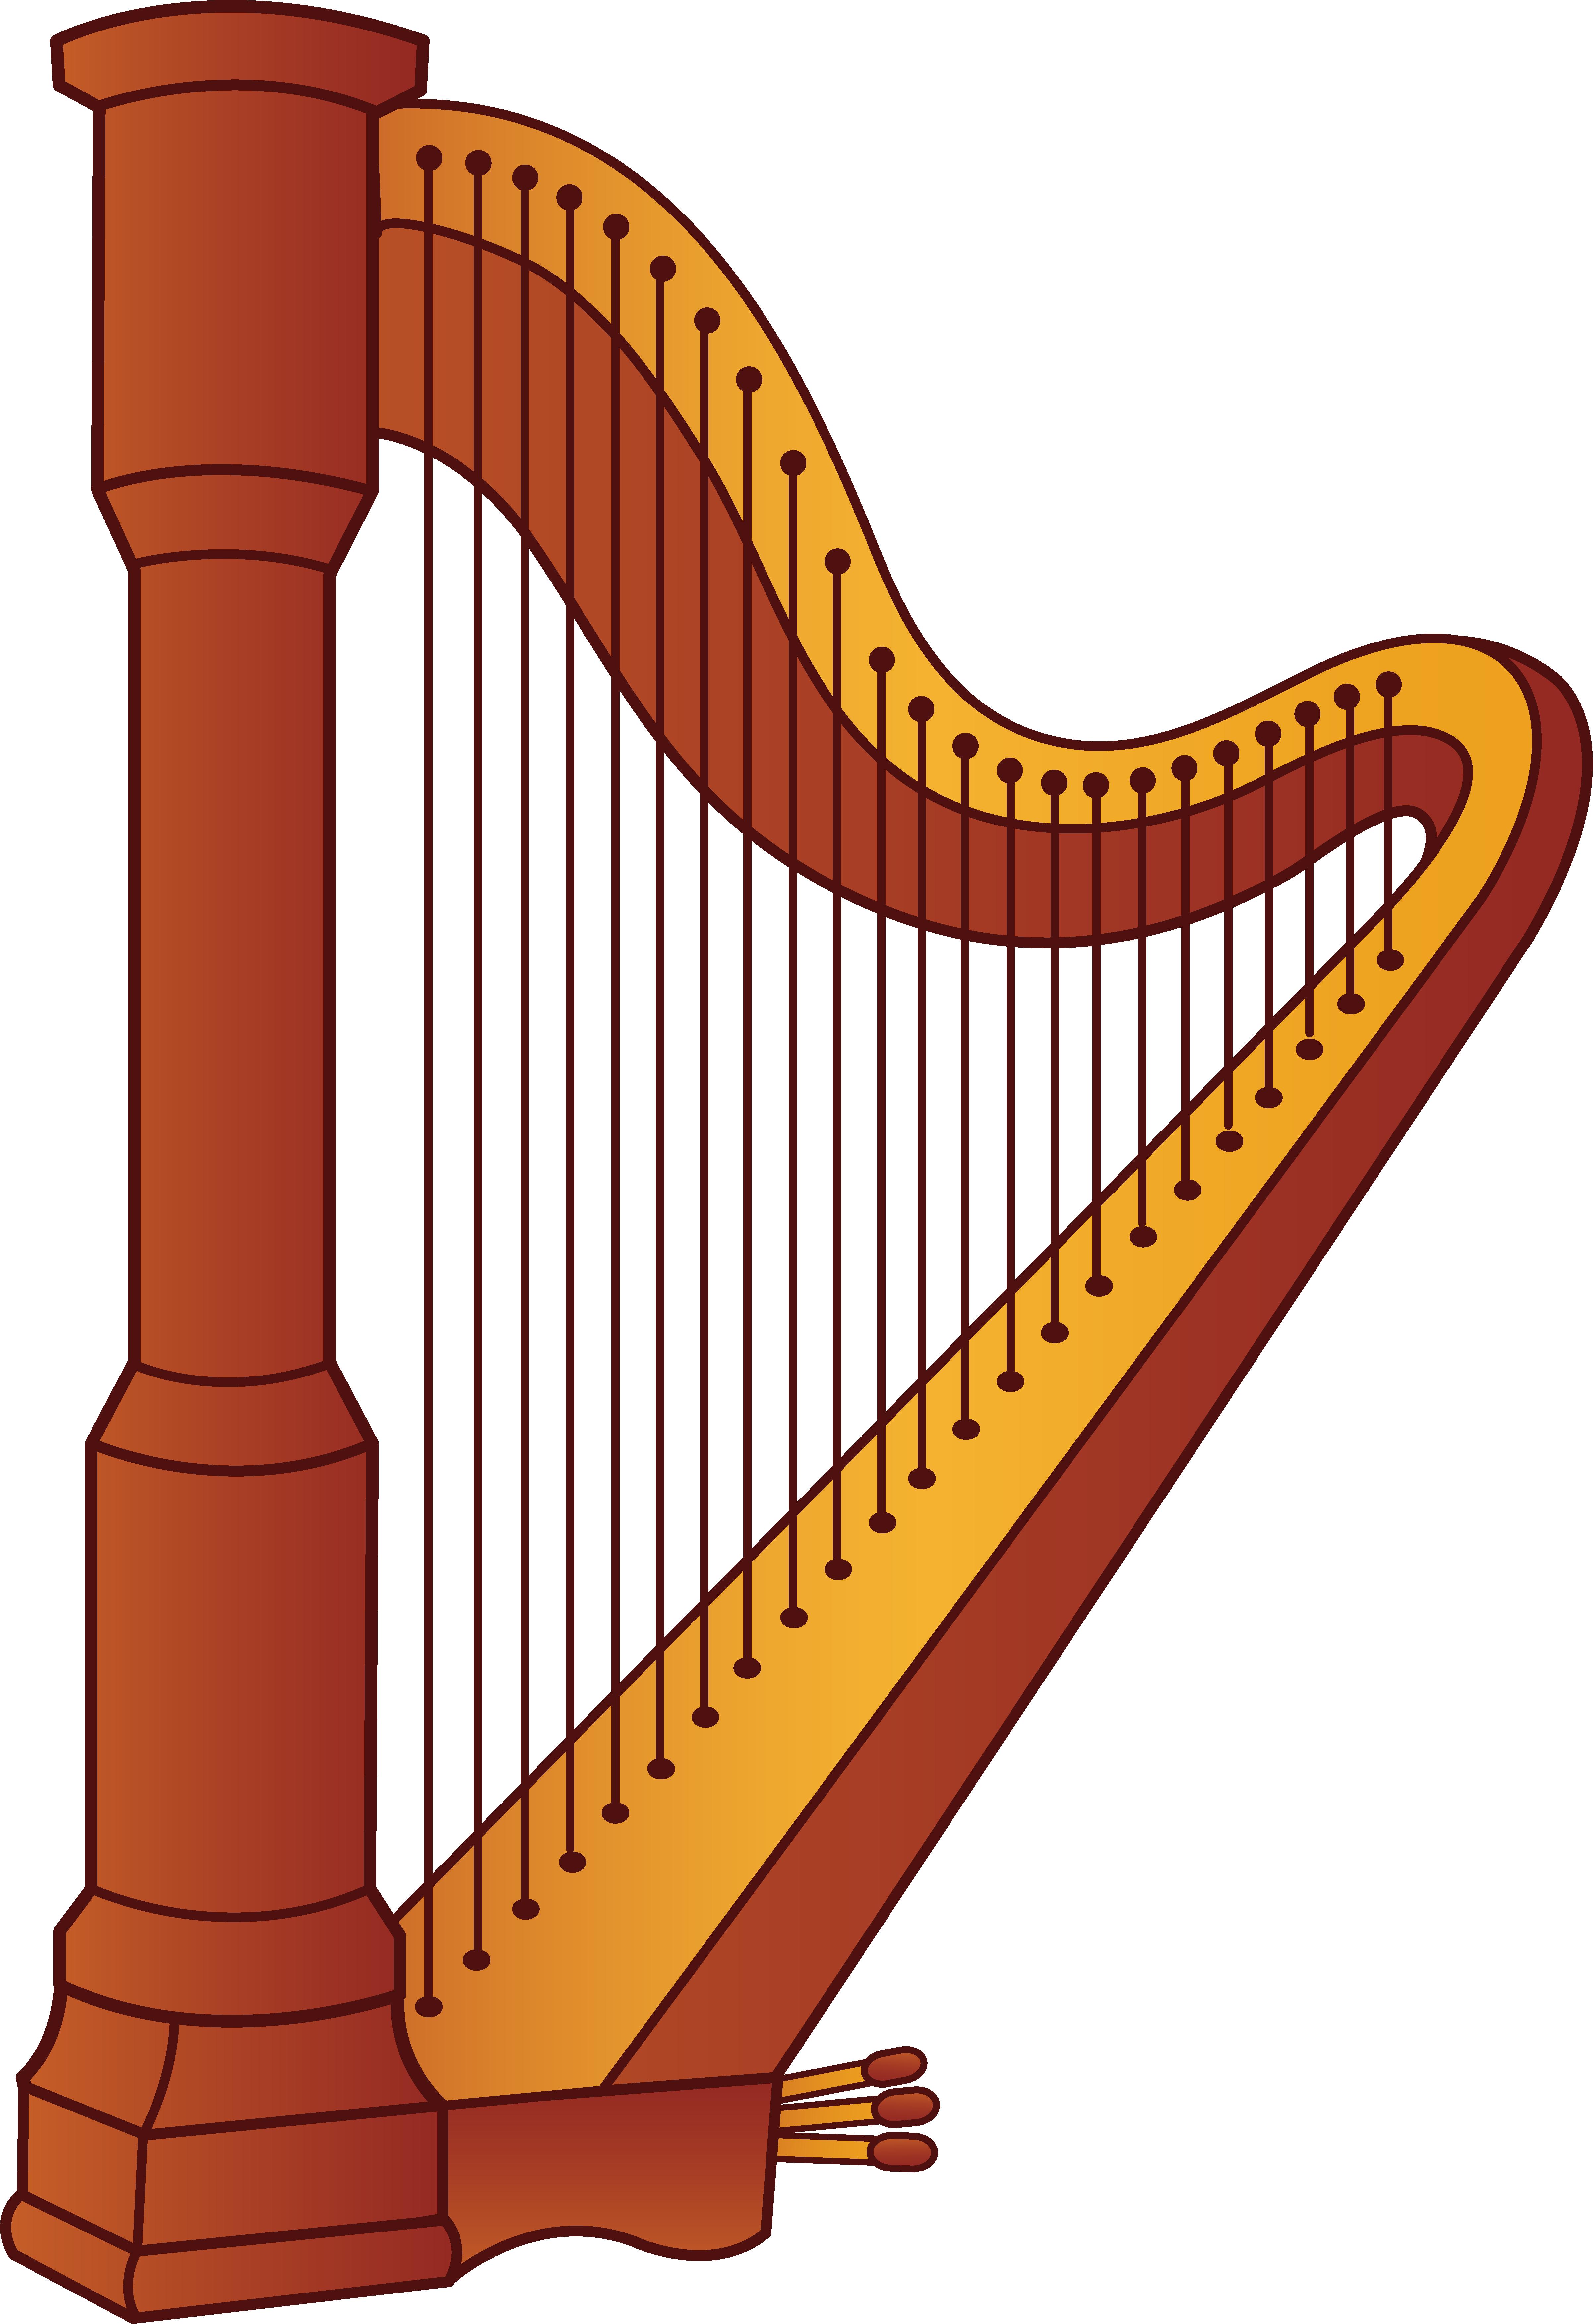 Harp Silhouette Clip Art. Harp Cliparts-Harp Silhouette clip art. Harp cliparts-13